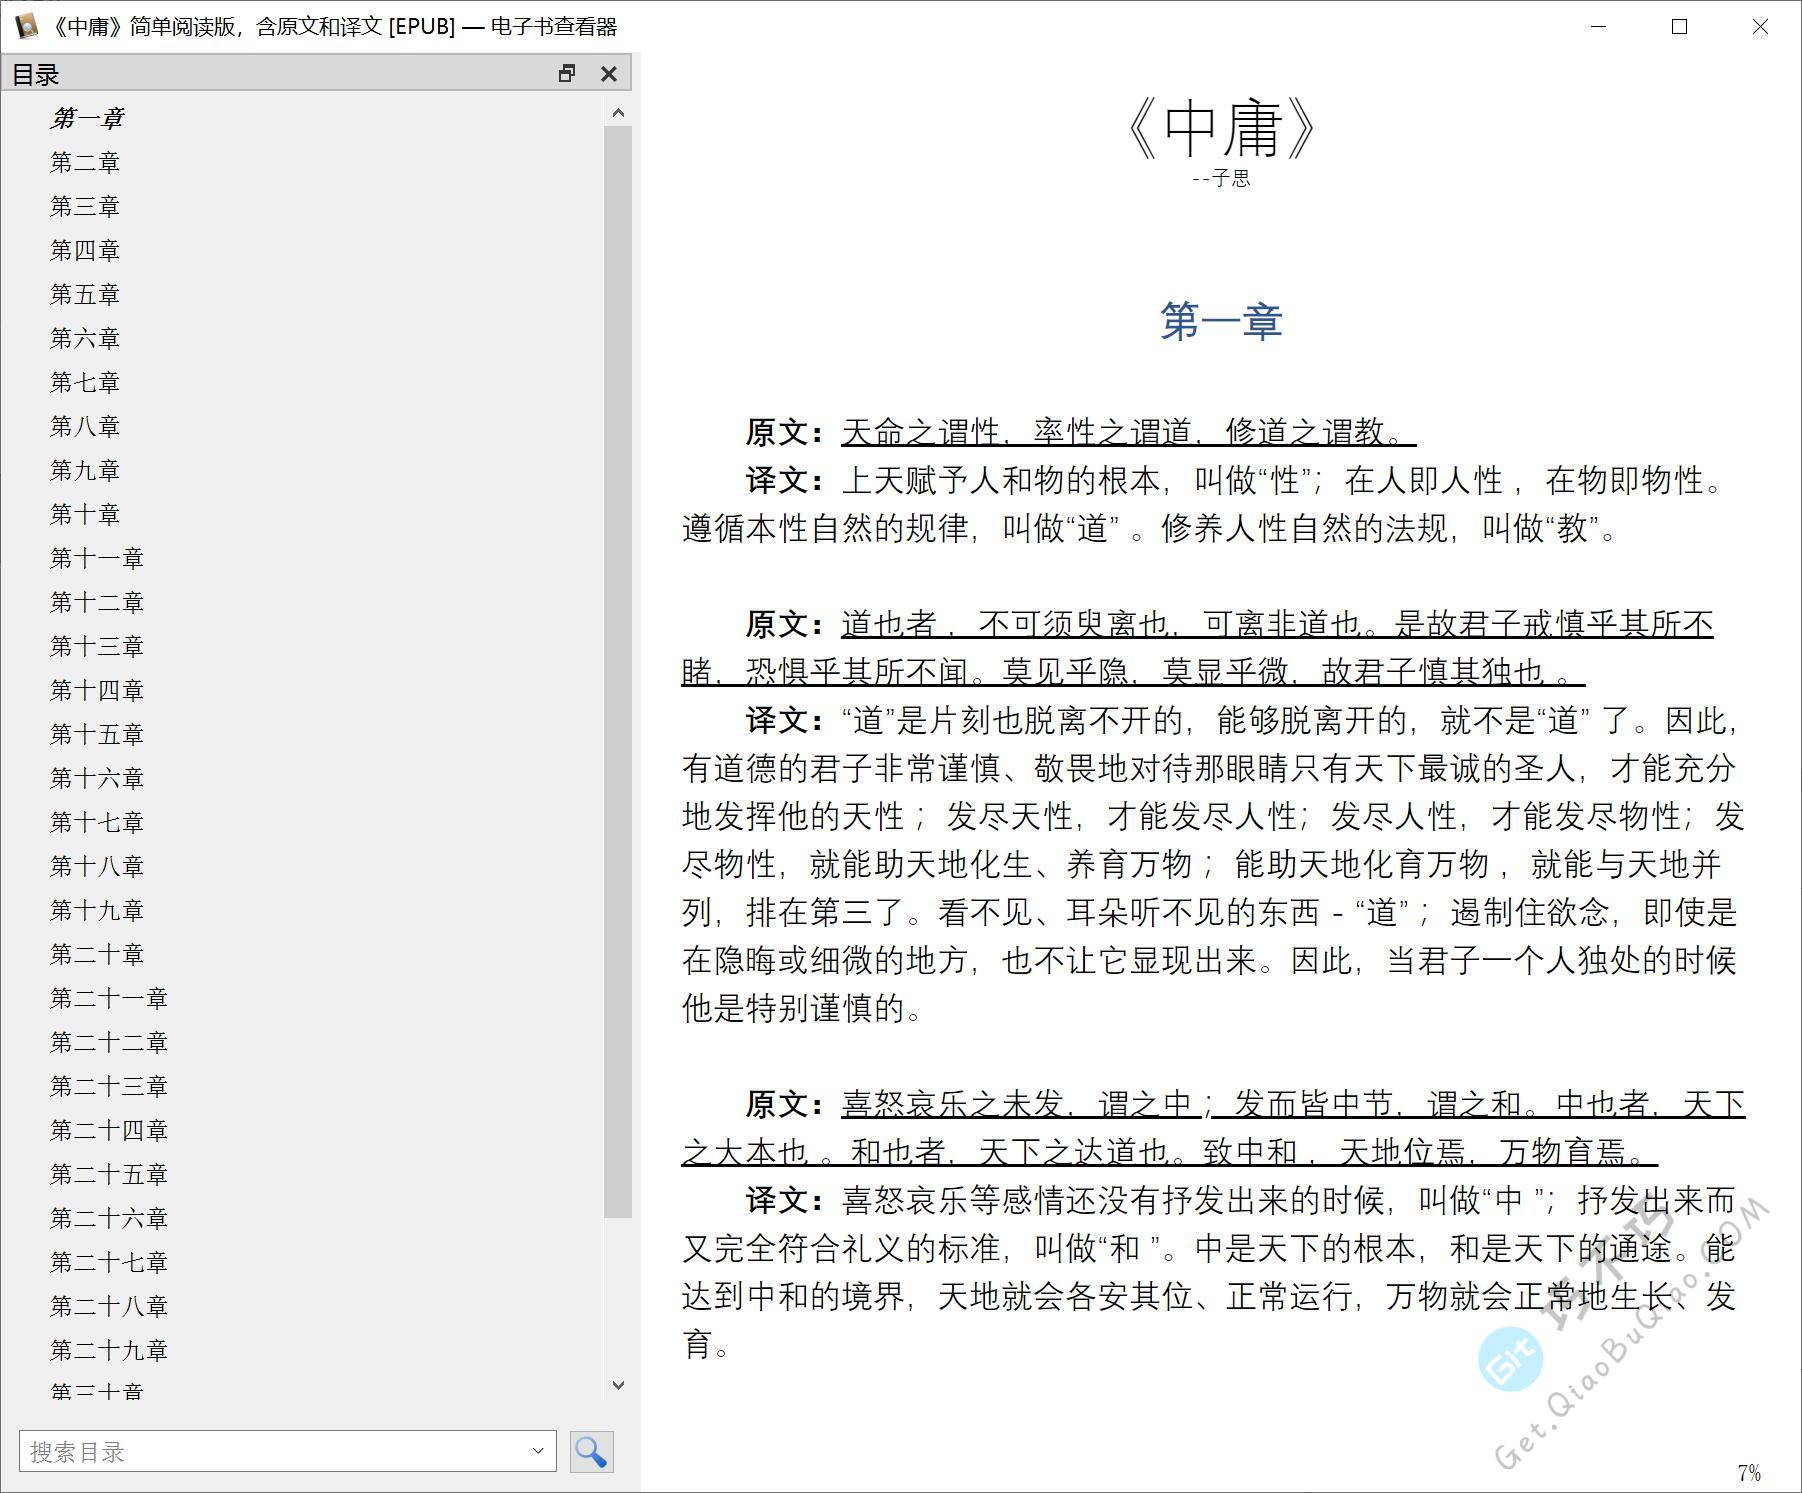 国学儒家学派经典之作《中庸》全文+译文精排PDF+EPUB+WORD下载,有注音、注释、解读可打印修正版